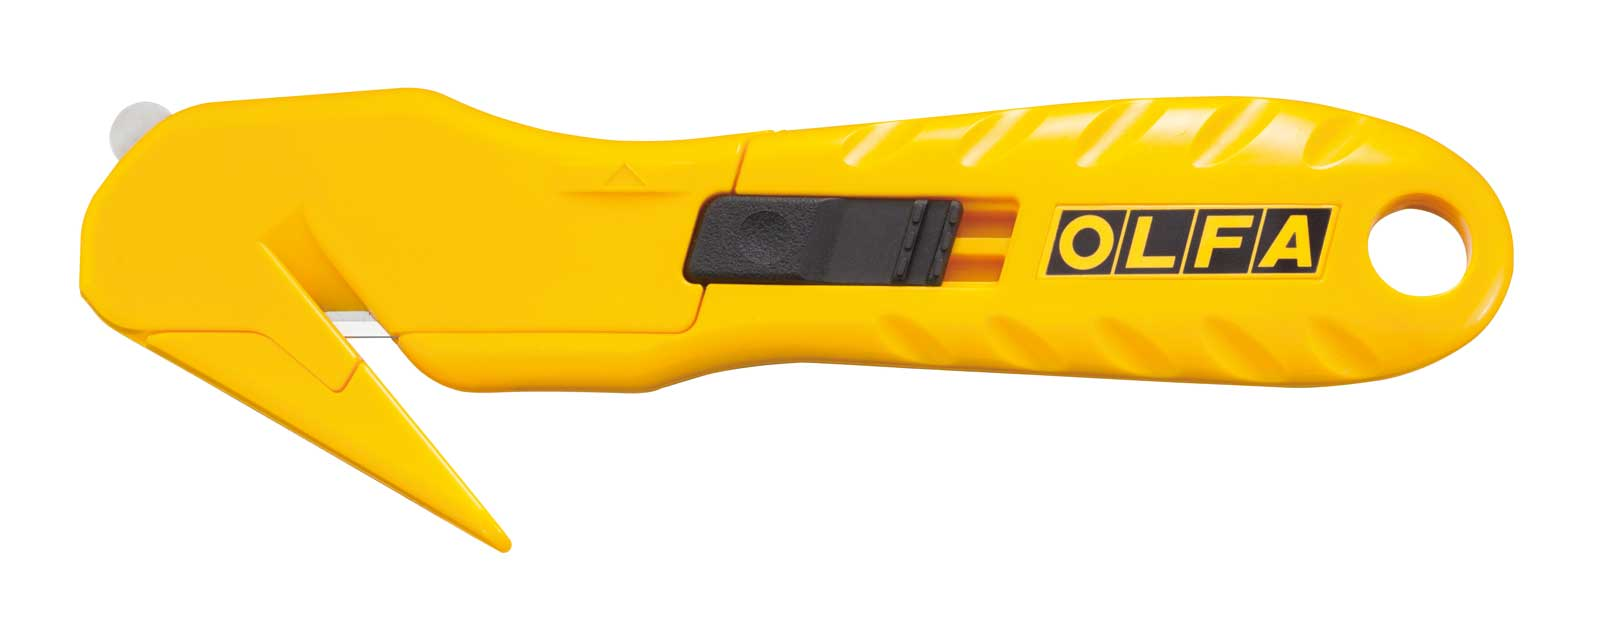 H041-Sicherheitmesser-Folienmesser-Schutzhaken-OLFA-SK10-CURT-tools_1600